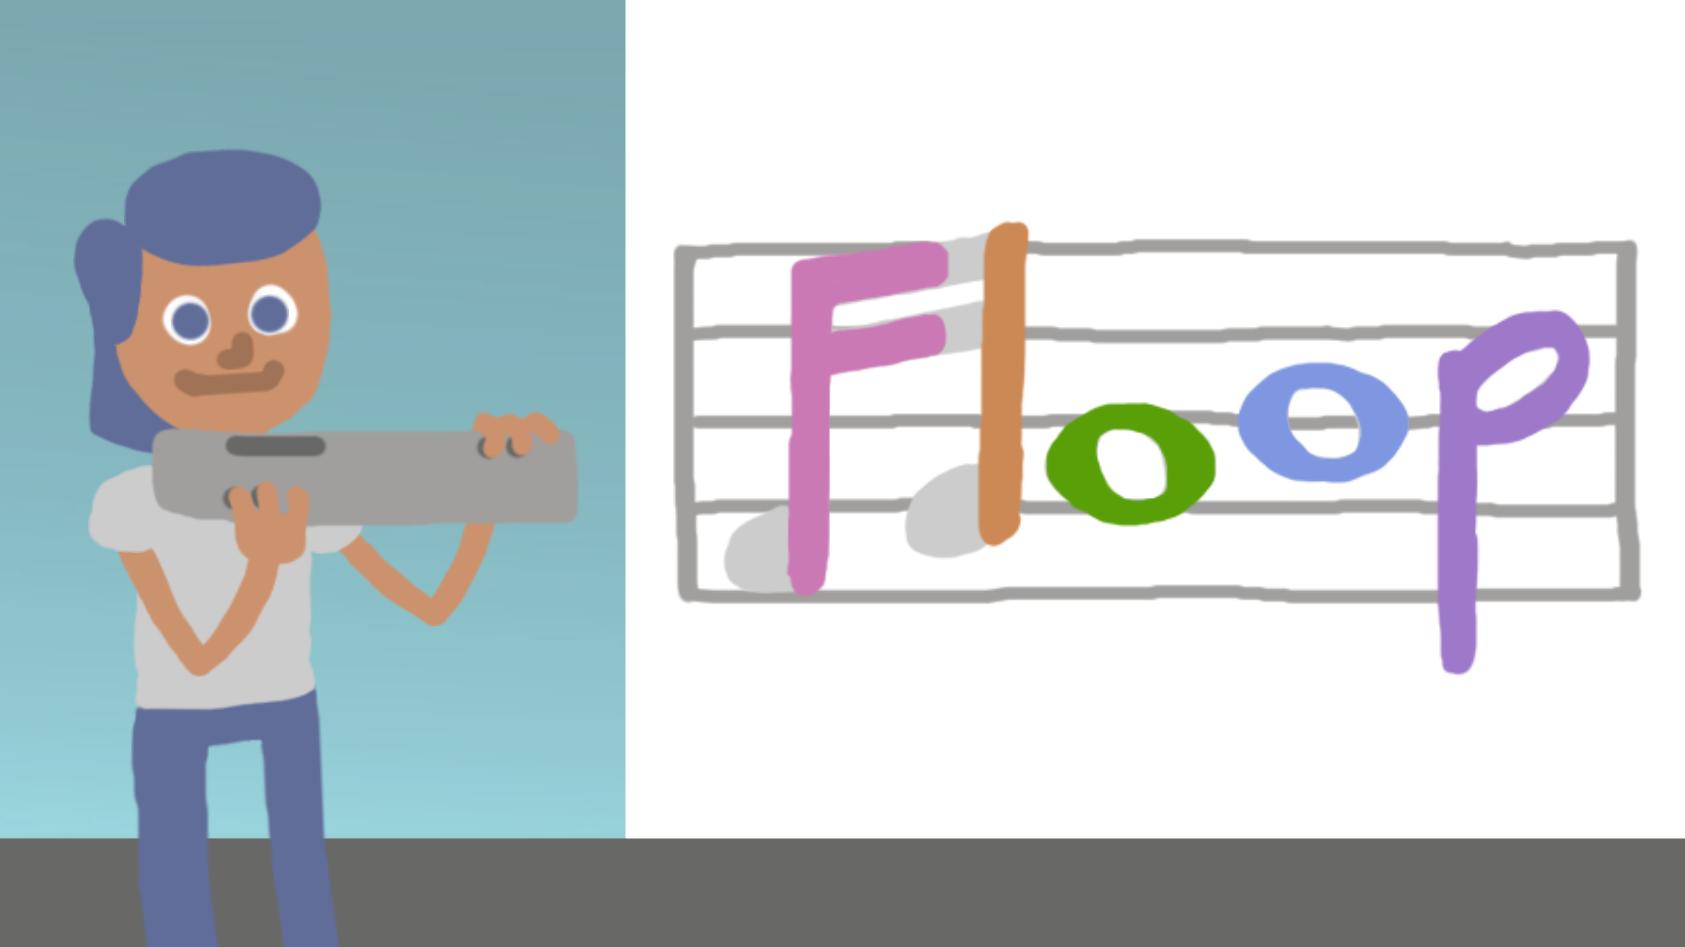 Floop